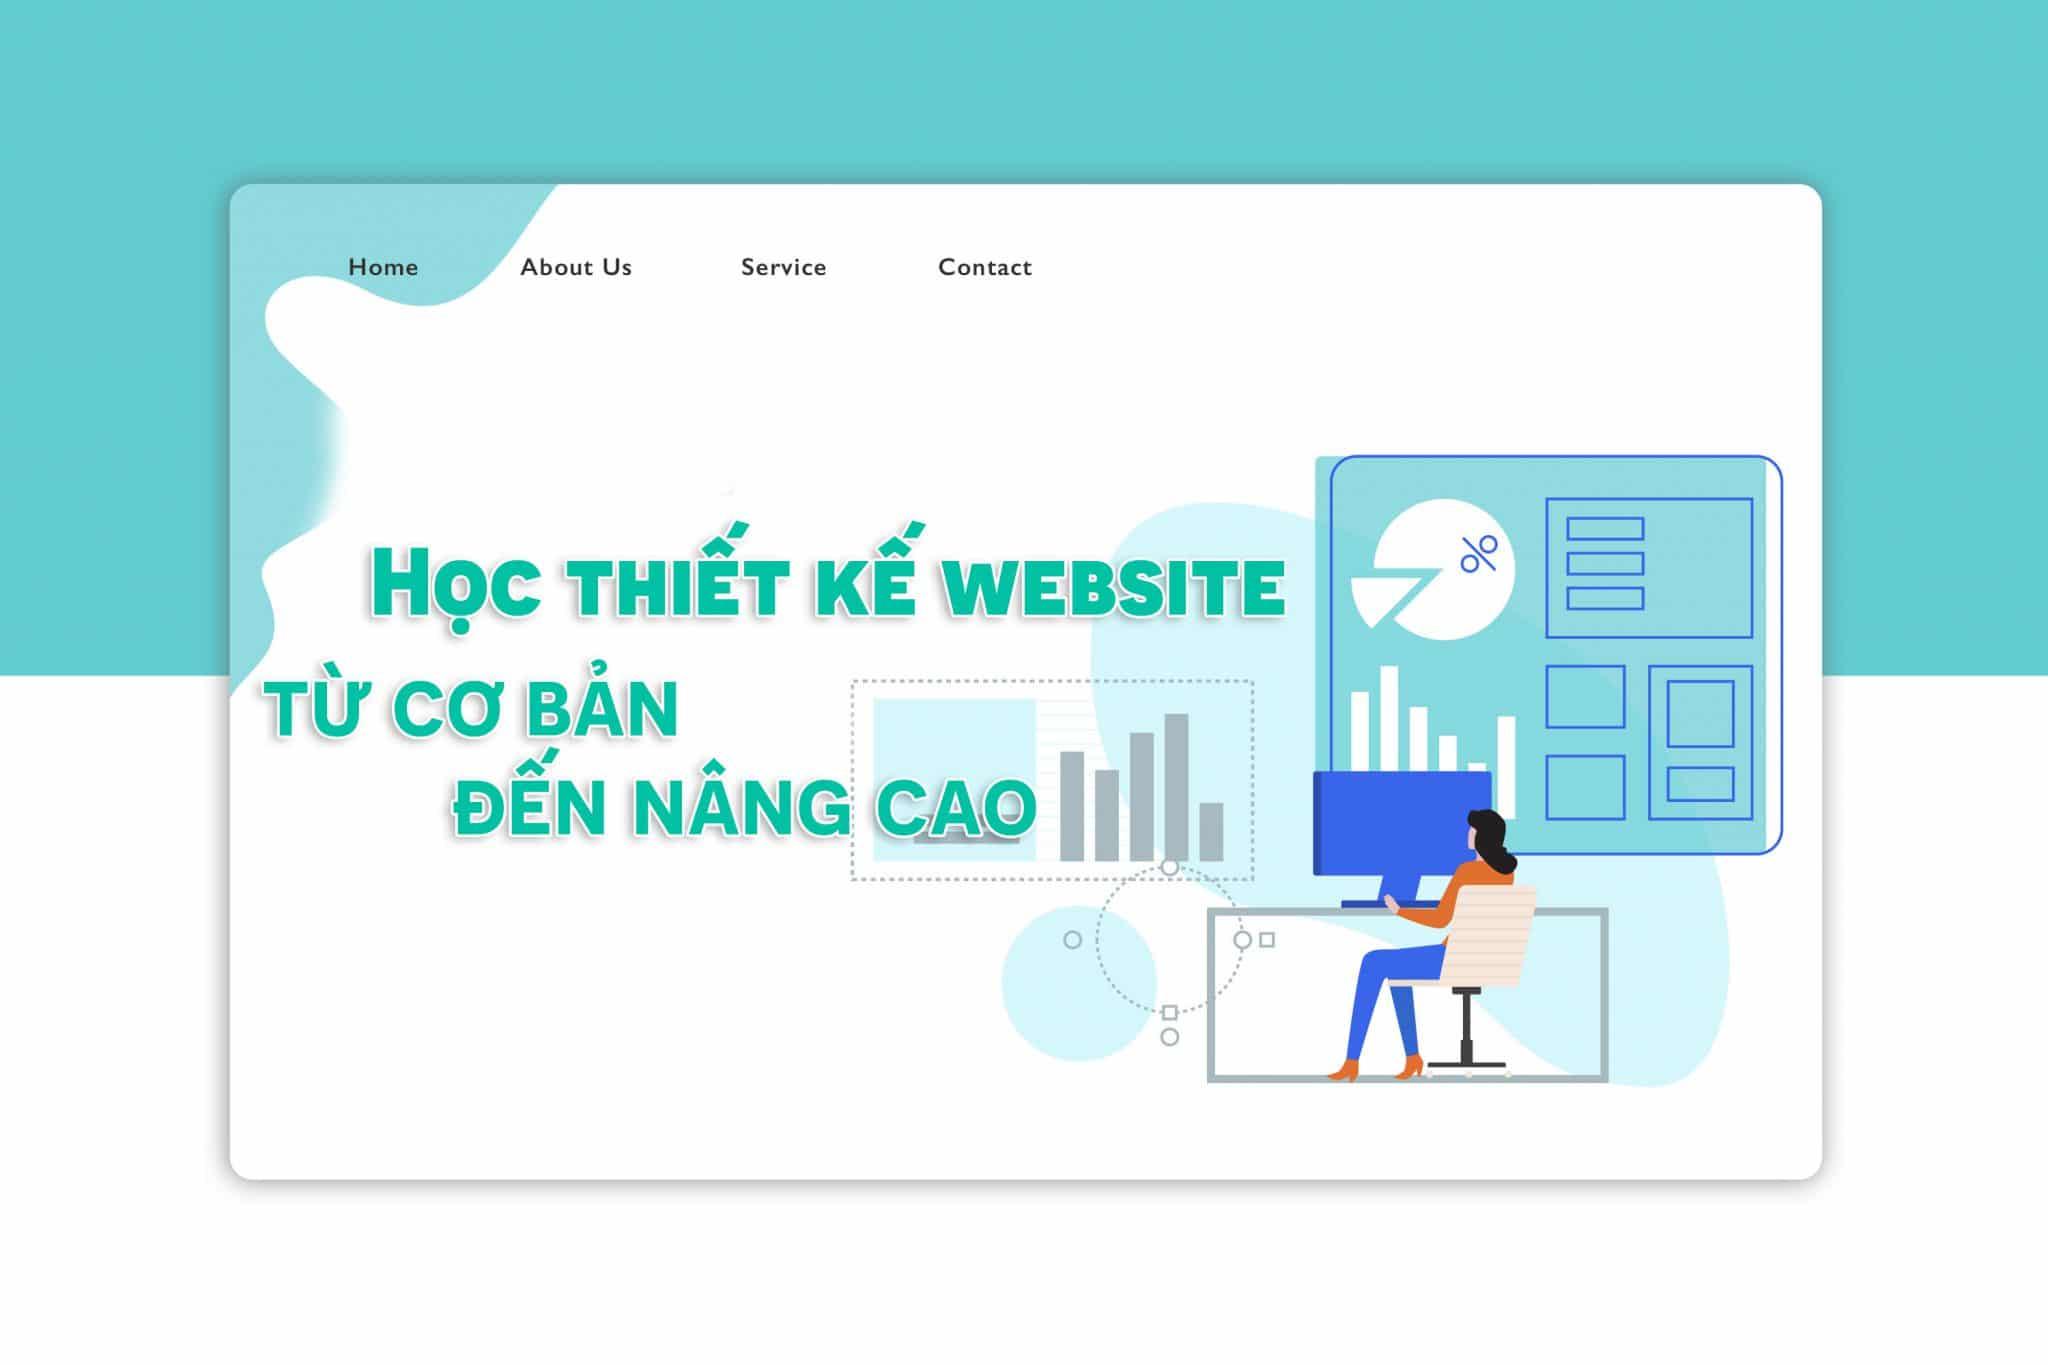 Hoc Thiet Ke Website Tu Co Ban Den Nang Cao